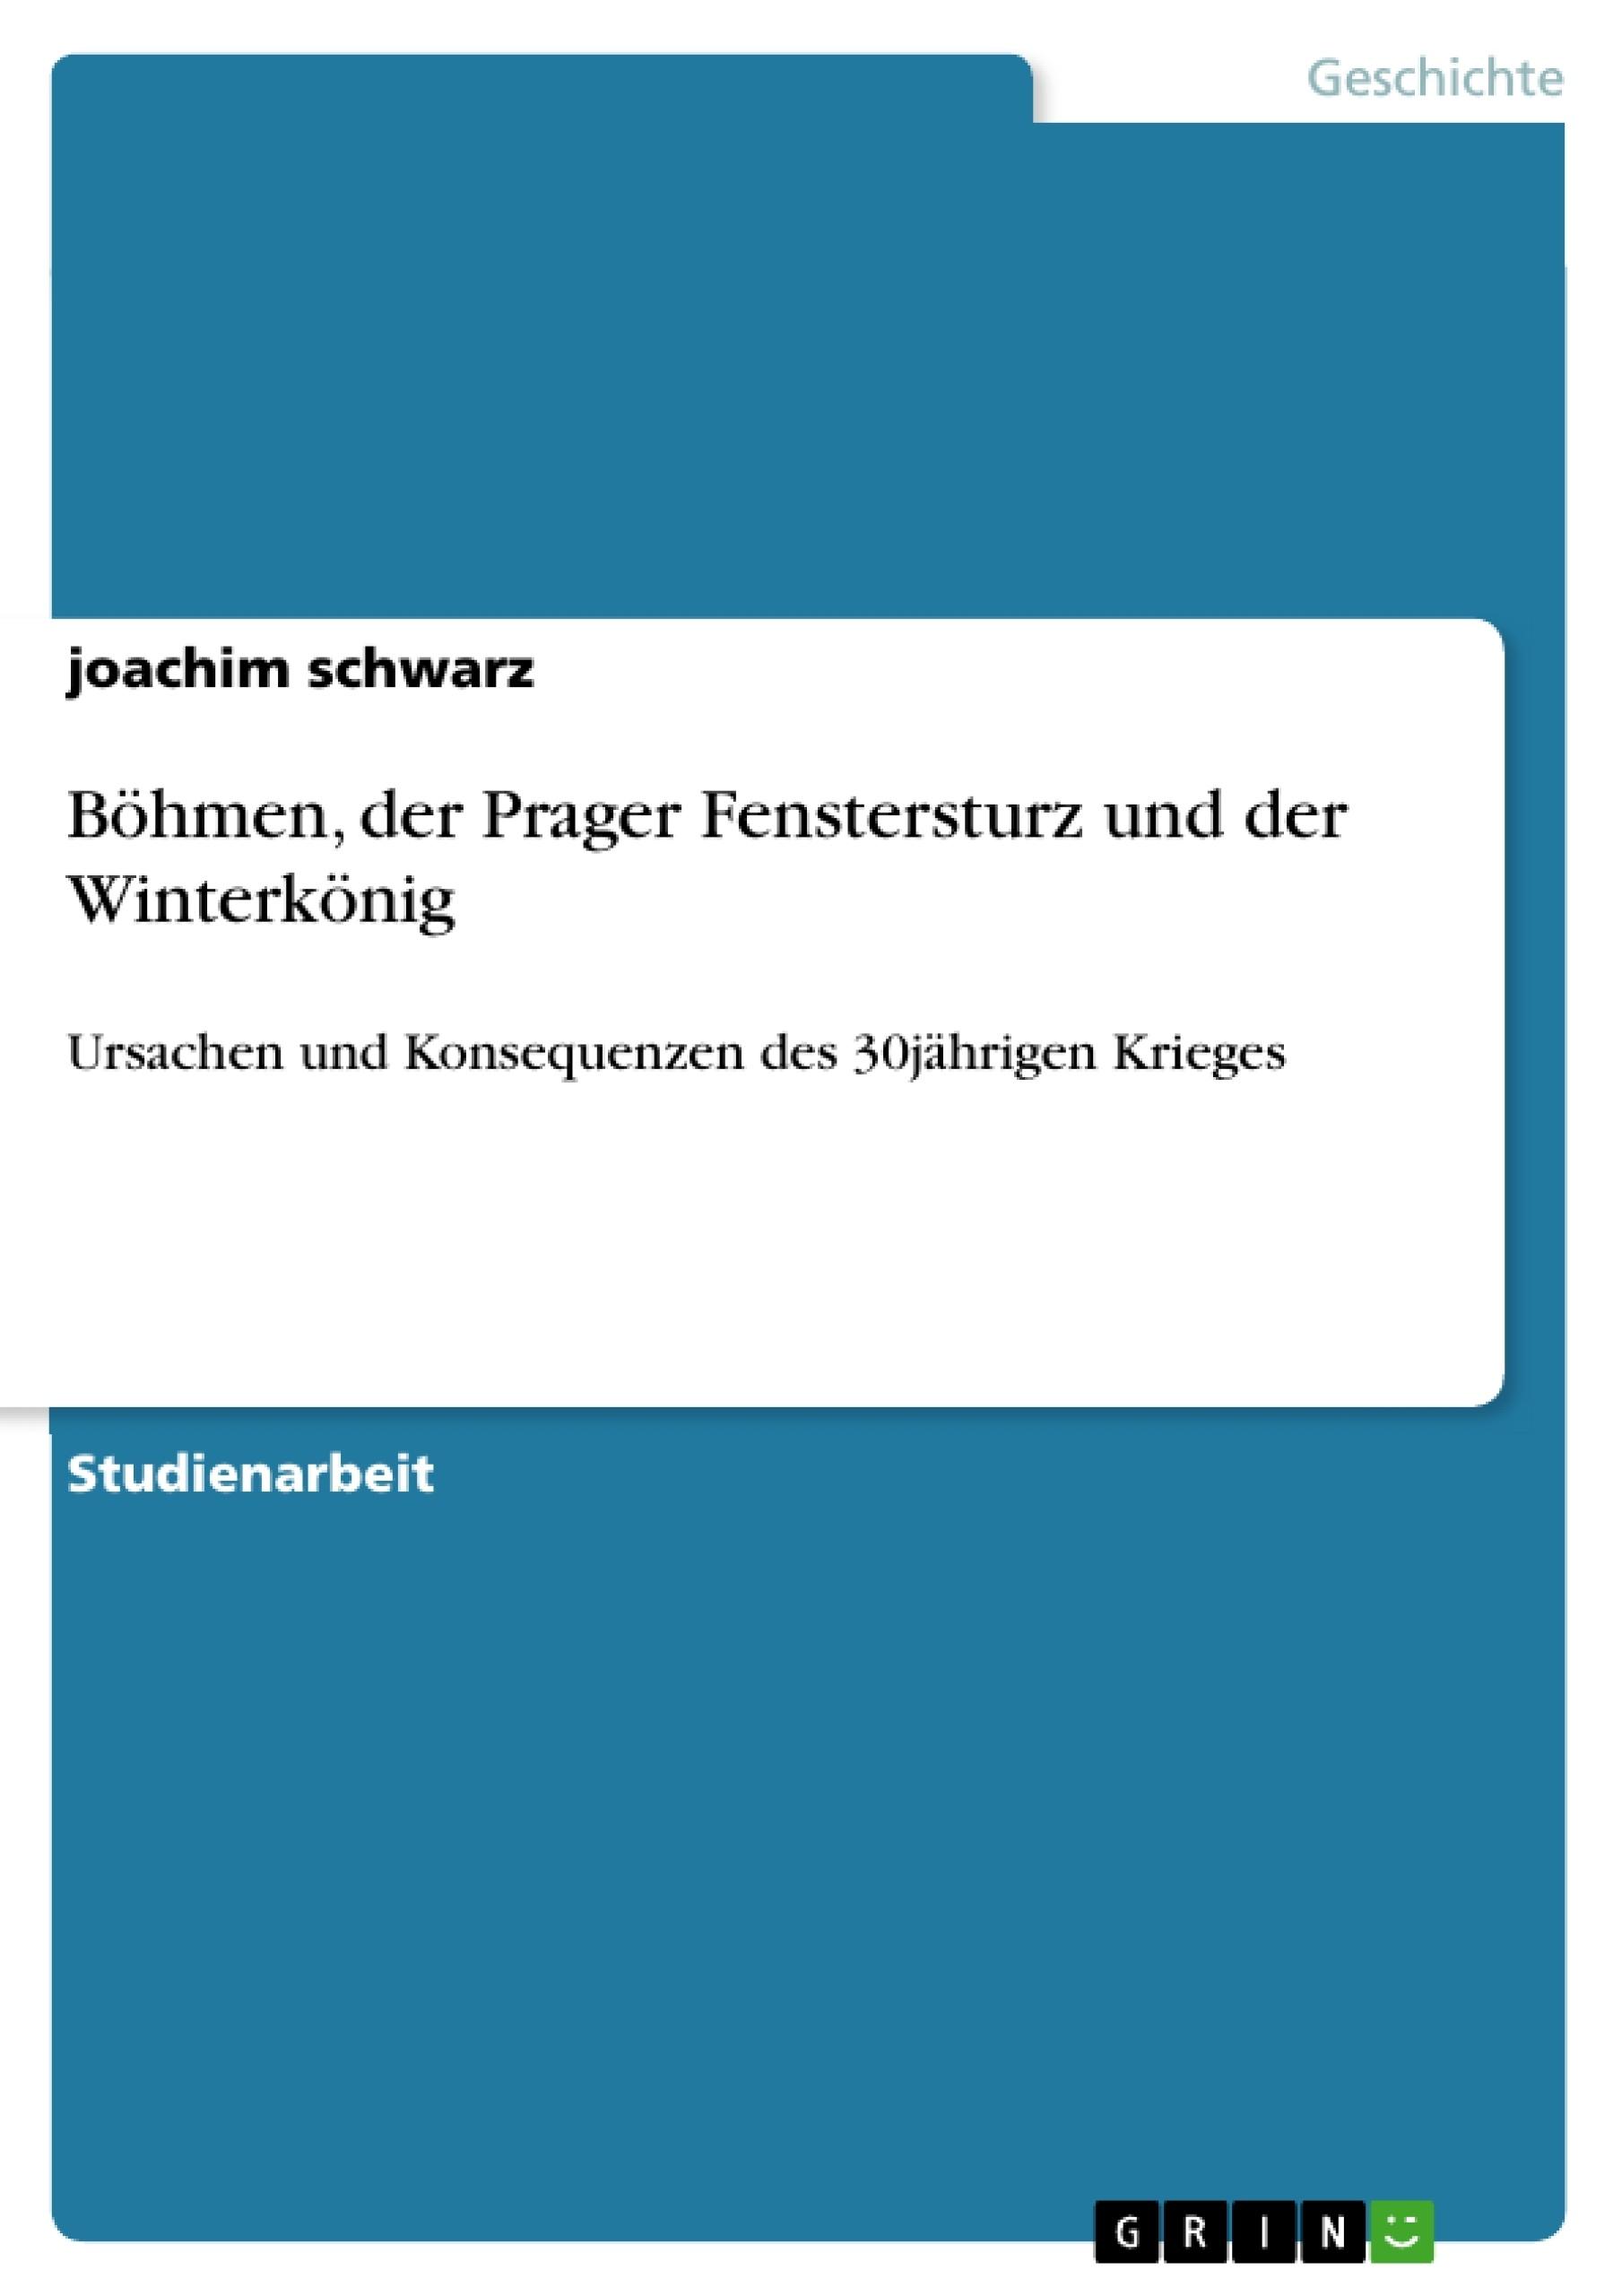 Titel: Böhmen, der Prager Fenstersturz und der Winterkönig